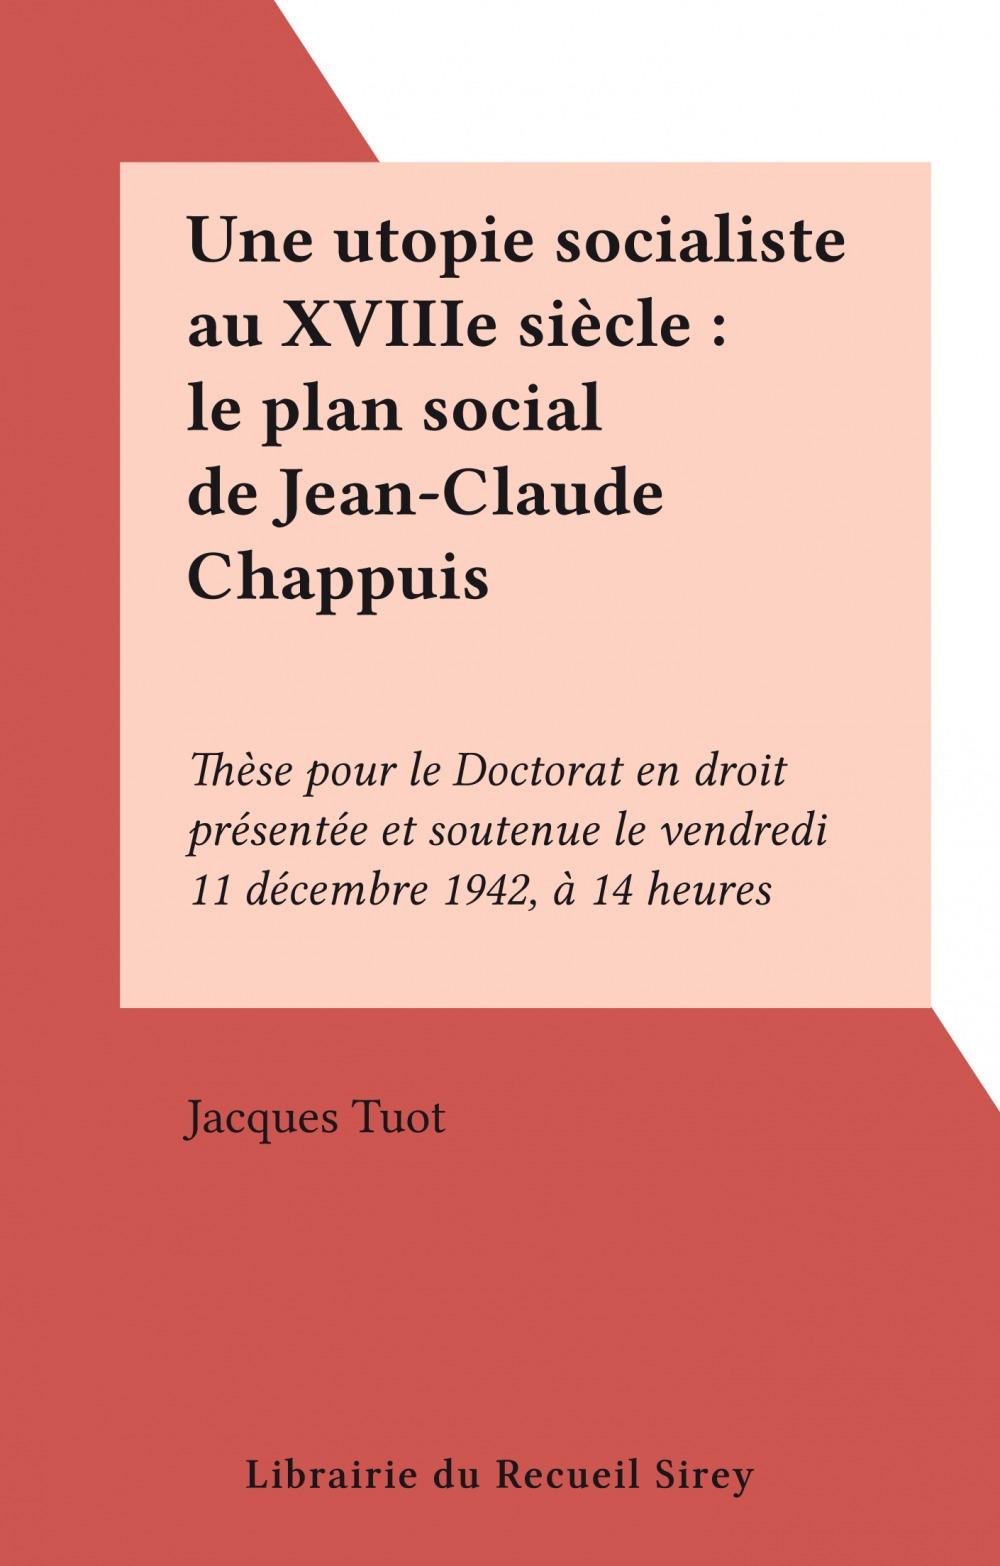 Une utopie socialiste au XVIIIe siècle : le plan social de Jean-Claude Chappuis